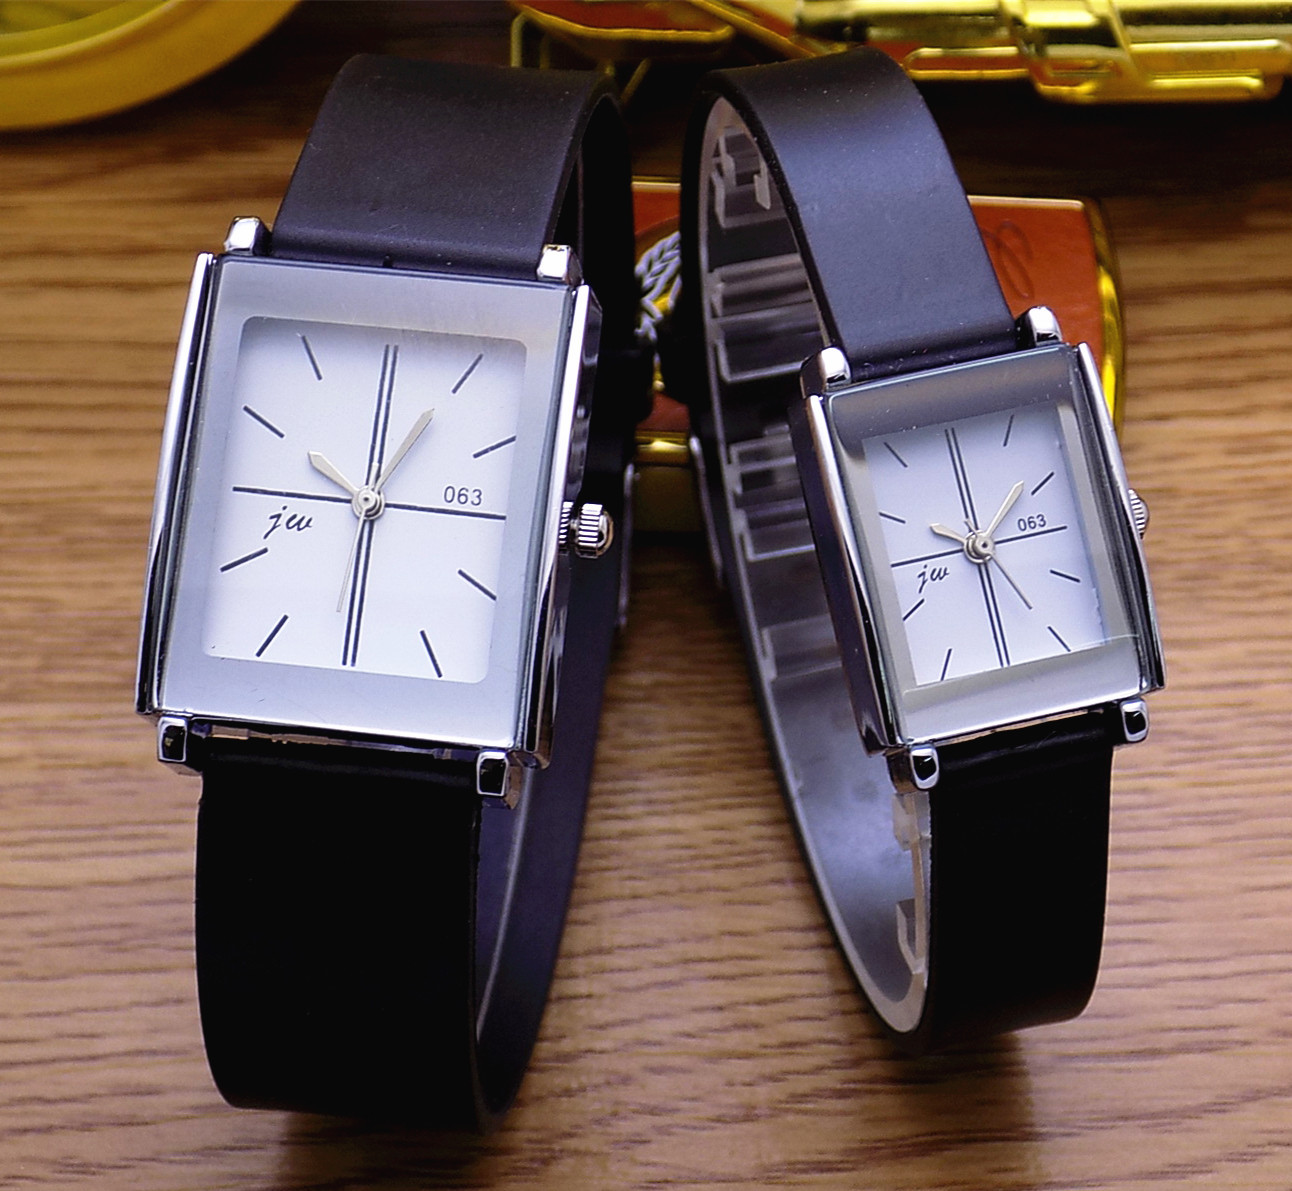 Модные Jw Брендовые повседневные Кварцевые женские и мужские часы для влюбленных с кожаным ремешком студенческие часы деловые квадратные наручные часы Relogio Masculino